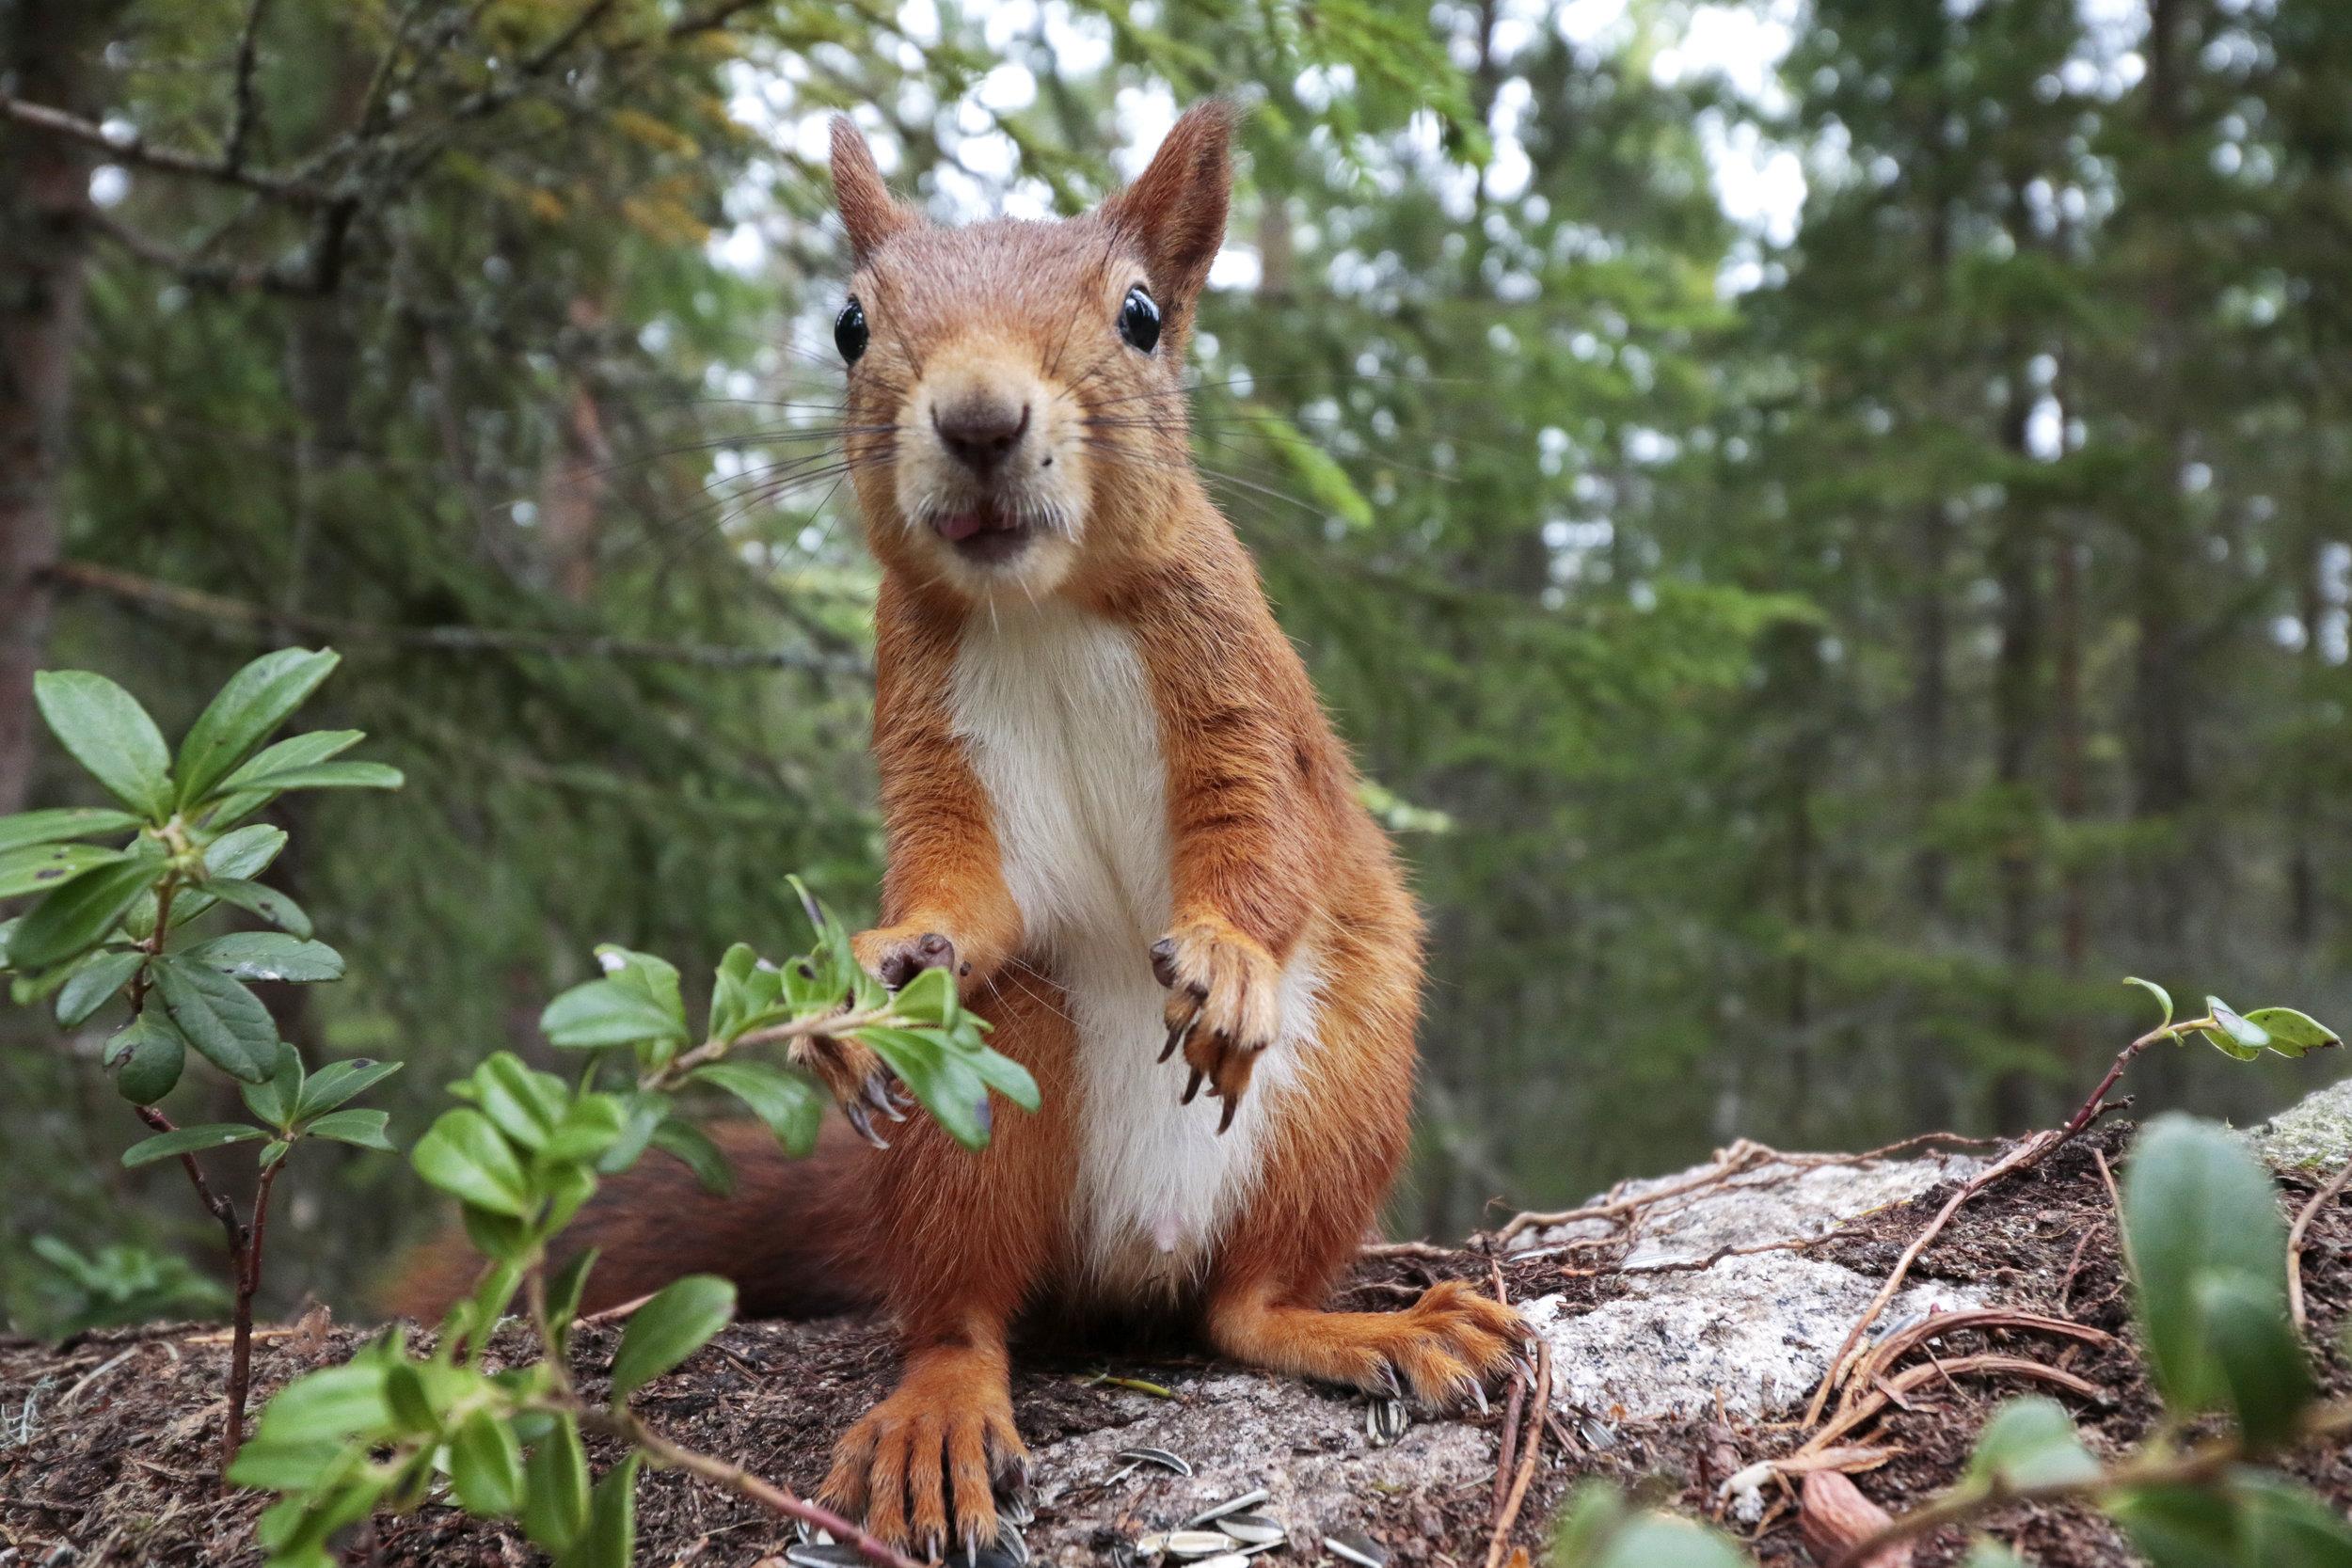 Red squirrel. Photo: Sara Wennerqvist